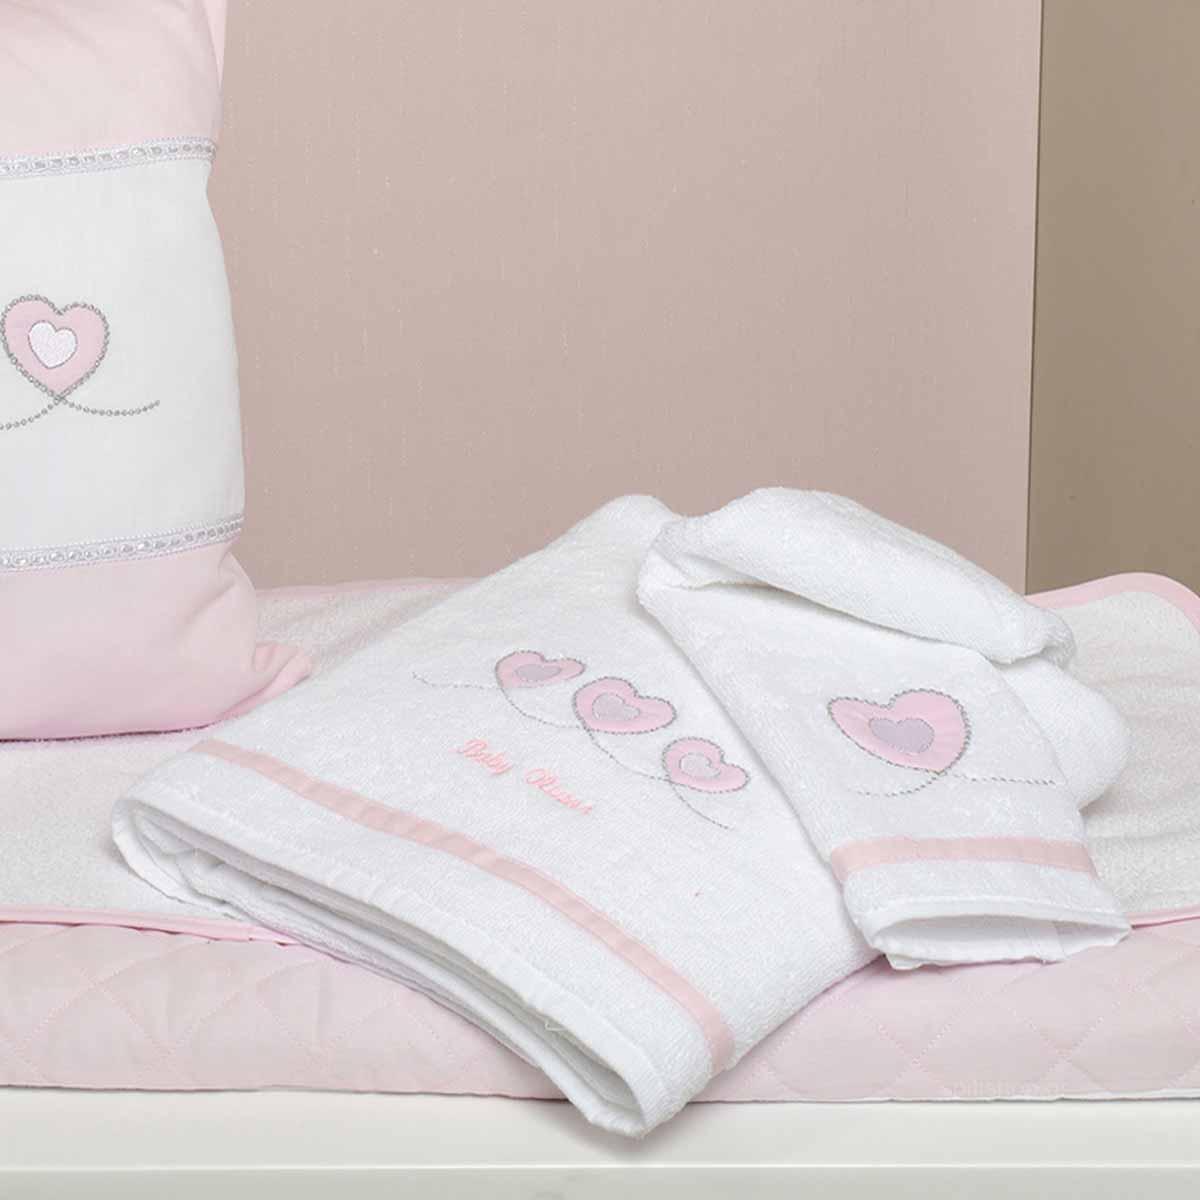 Βρεφικές Πετσέτες (Σετ 2τμχ) Baby Oliver Sweet Hearts 332